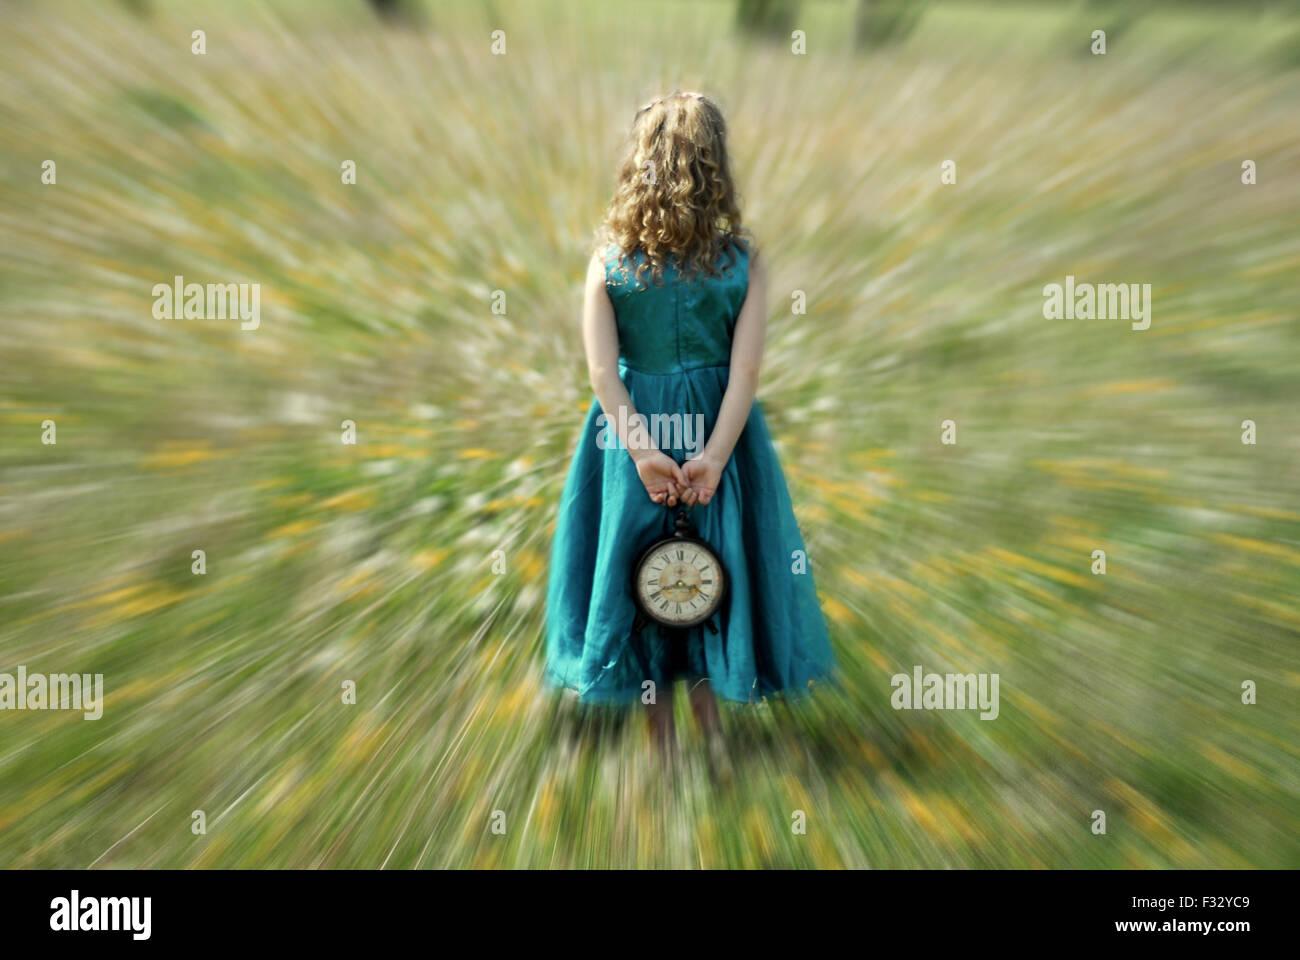 Effet de zoom petite fille avec réveil dans ses mains blue dress wonderland Photo Stock